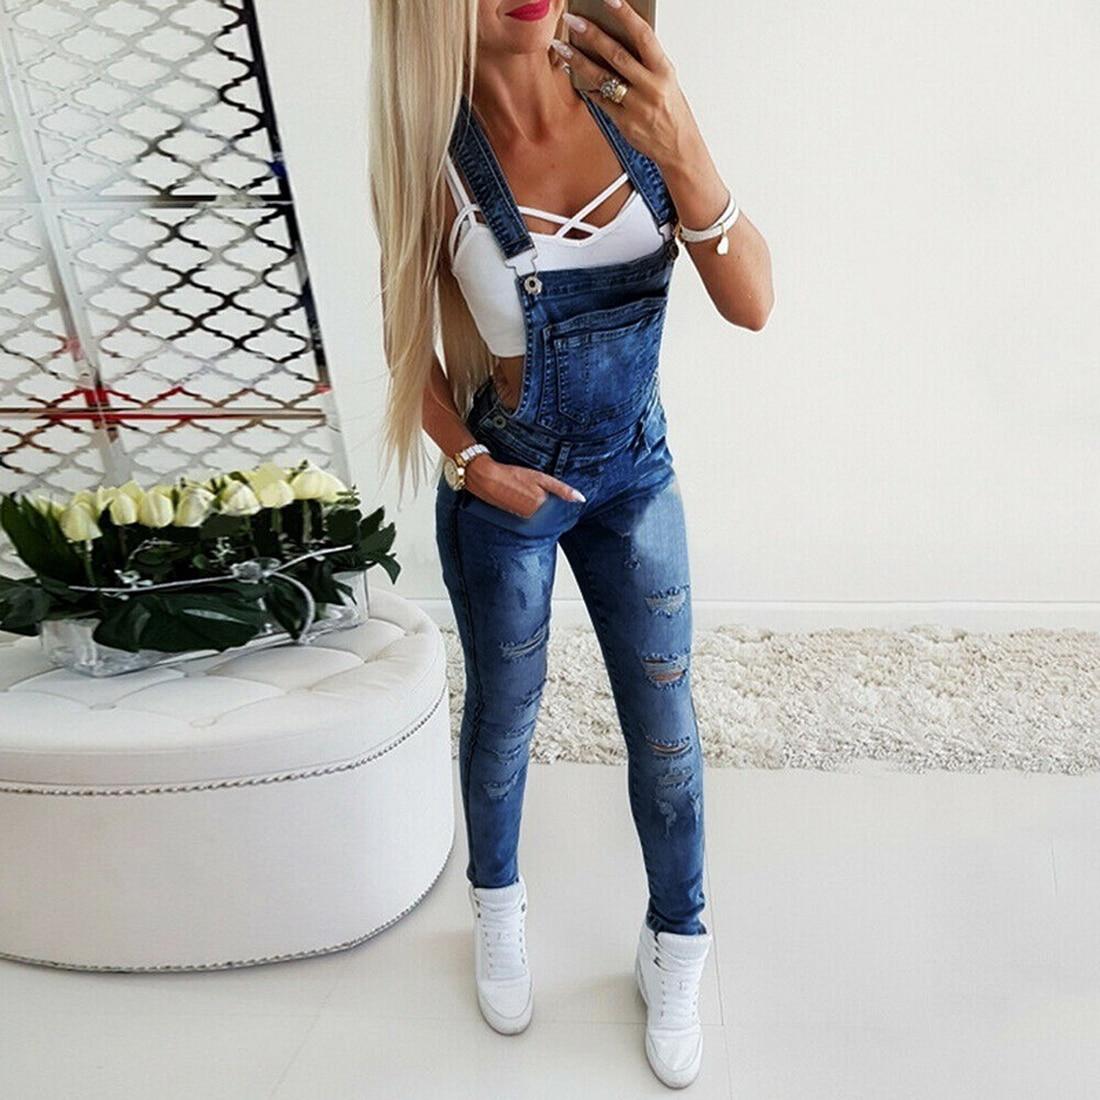 Moda feminina senhoras baggy jeans bib comprimento total sólido solto causal macacão calças verão quente